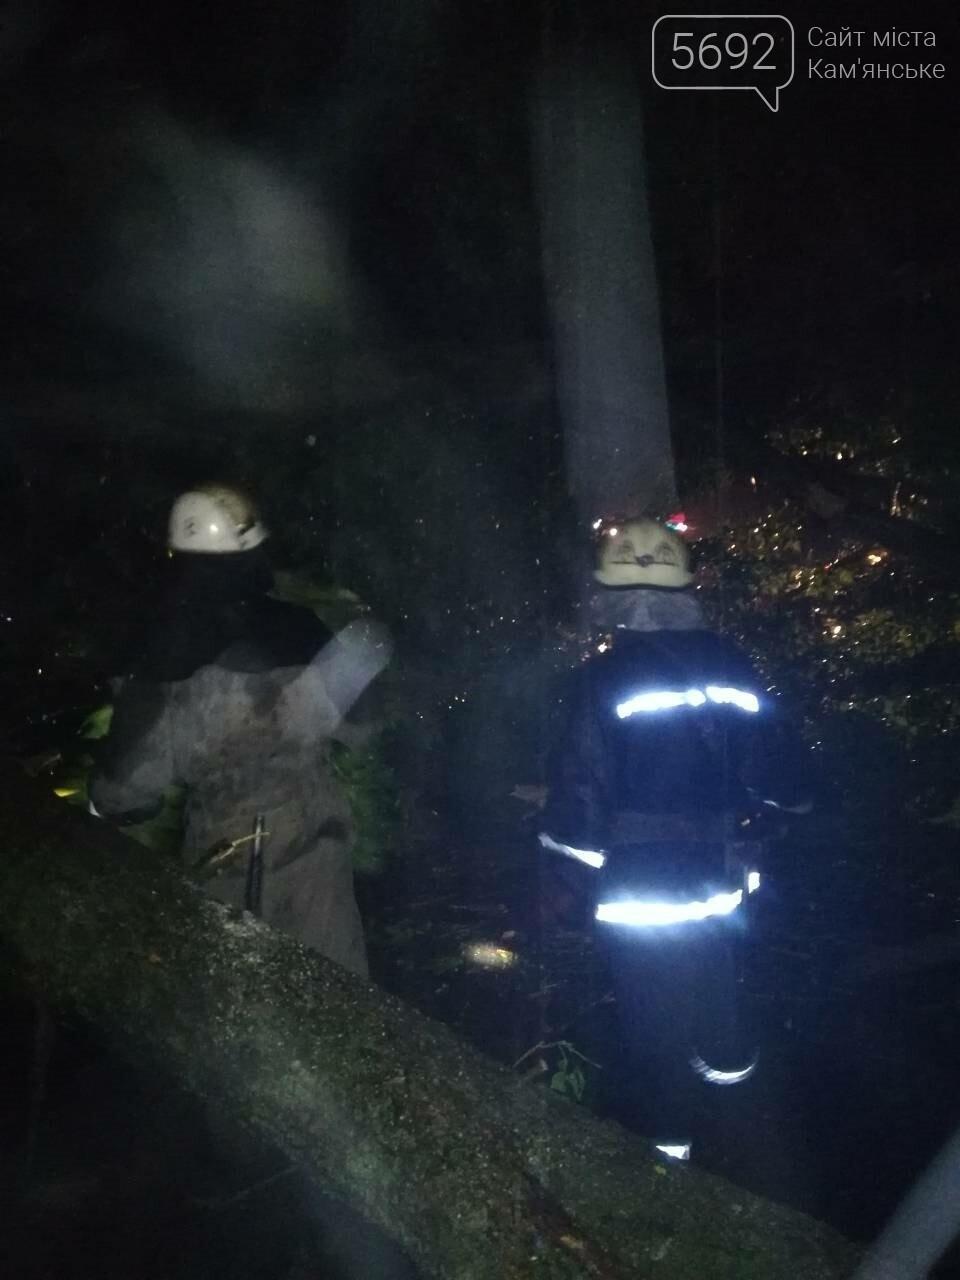 Спасатели Каменского ликвидируют последствия стихии, фото-1